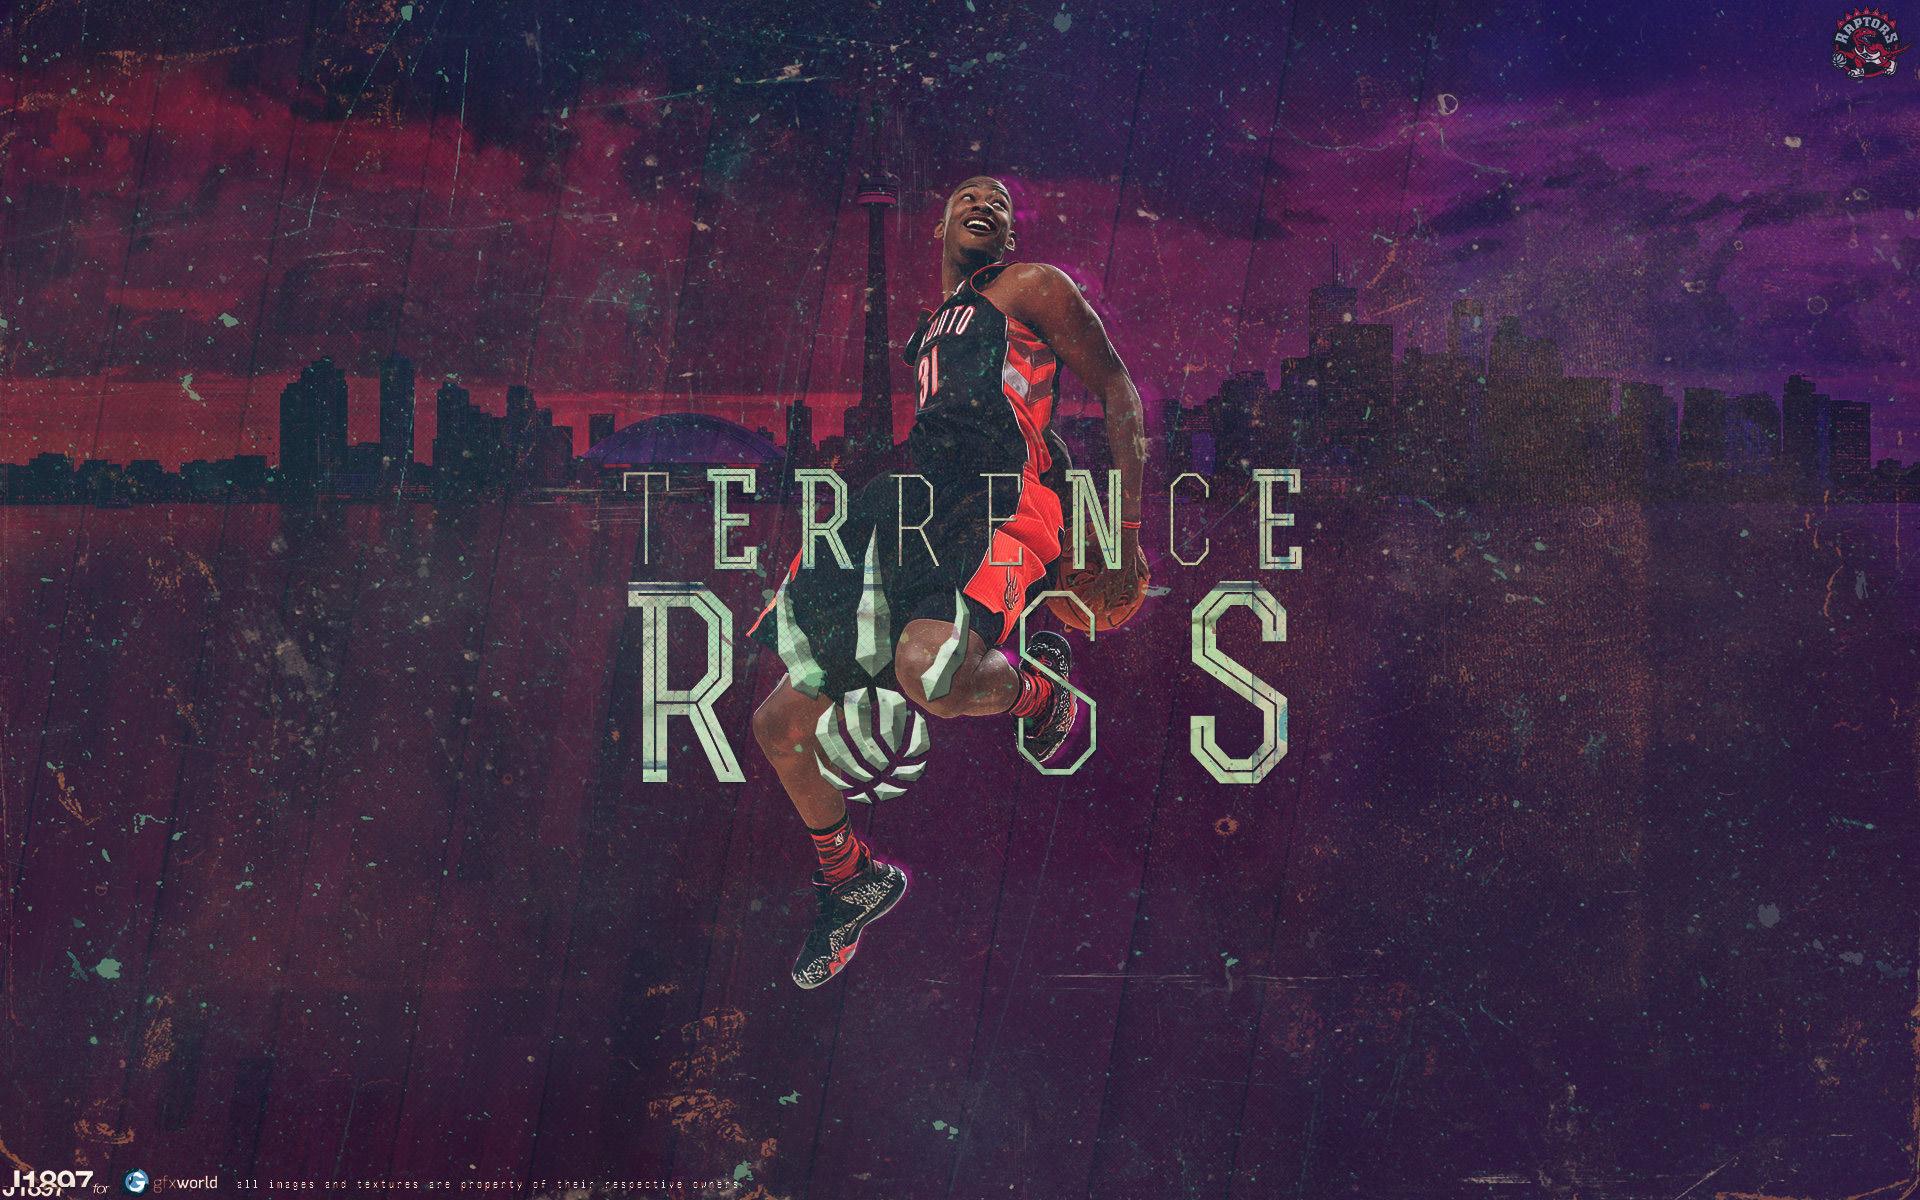 Ross Raptors Dunk 2013 19201200 Wallpaper Basketball Wallpapers 1920x1200